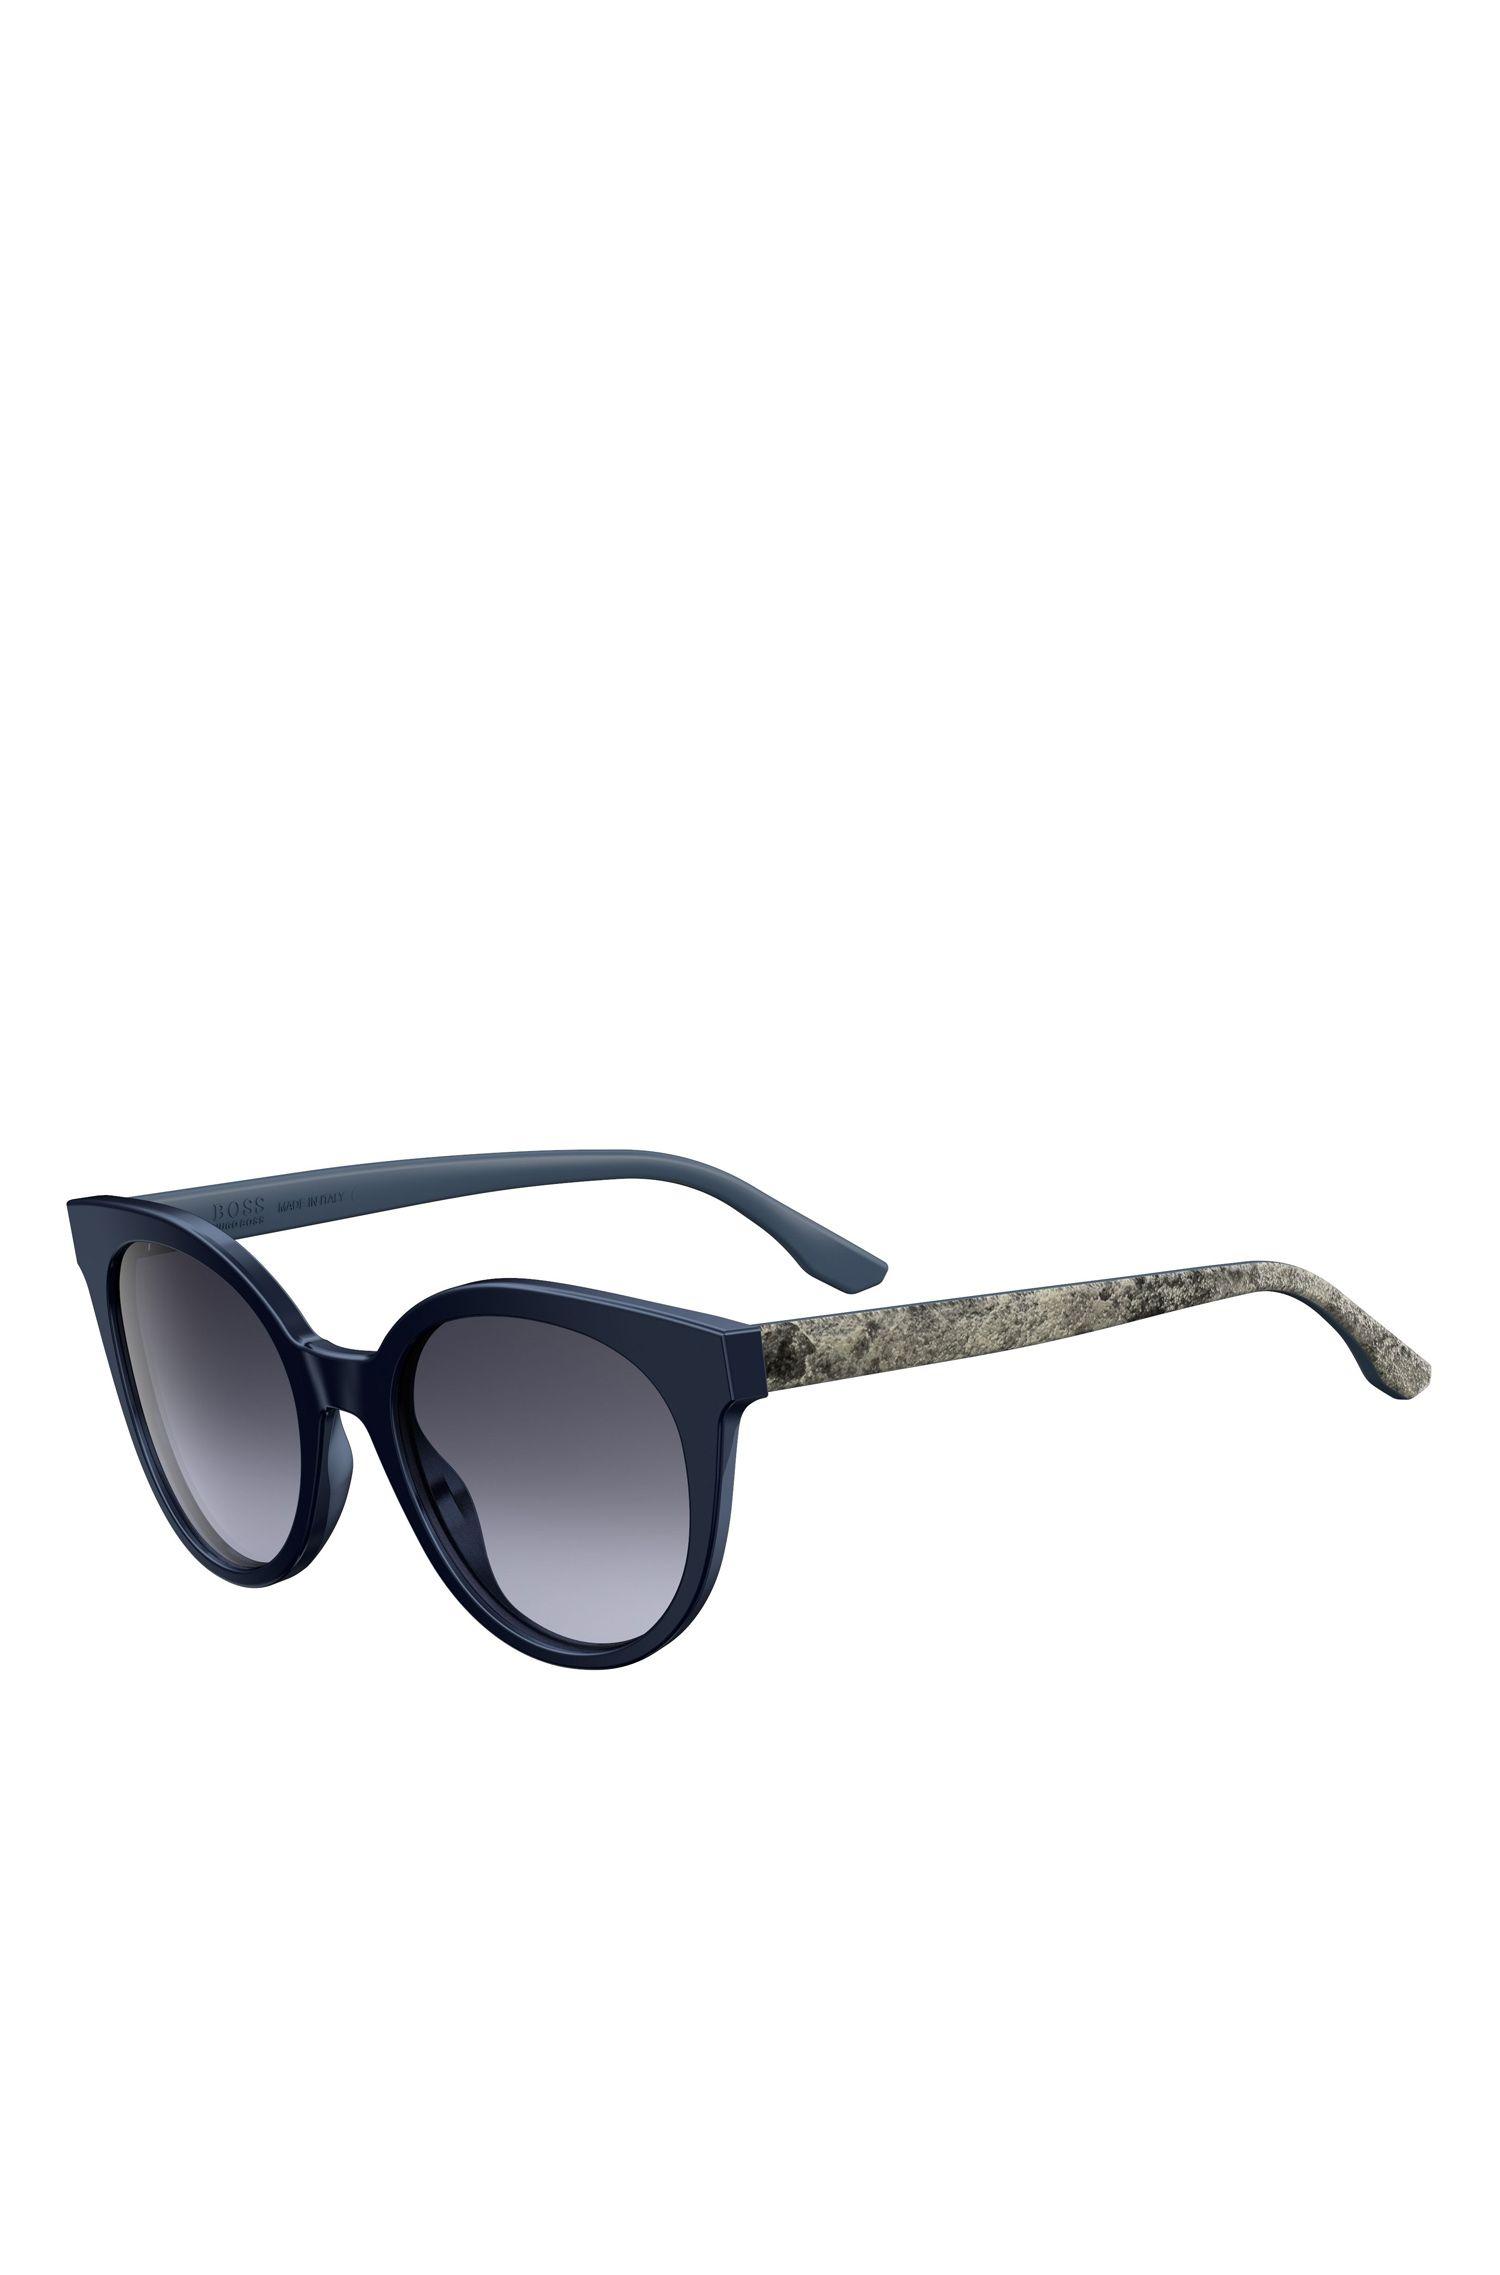 Tortoiseshell Acetate Round Sunglasses | BOSS 0890